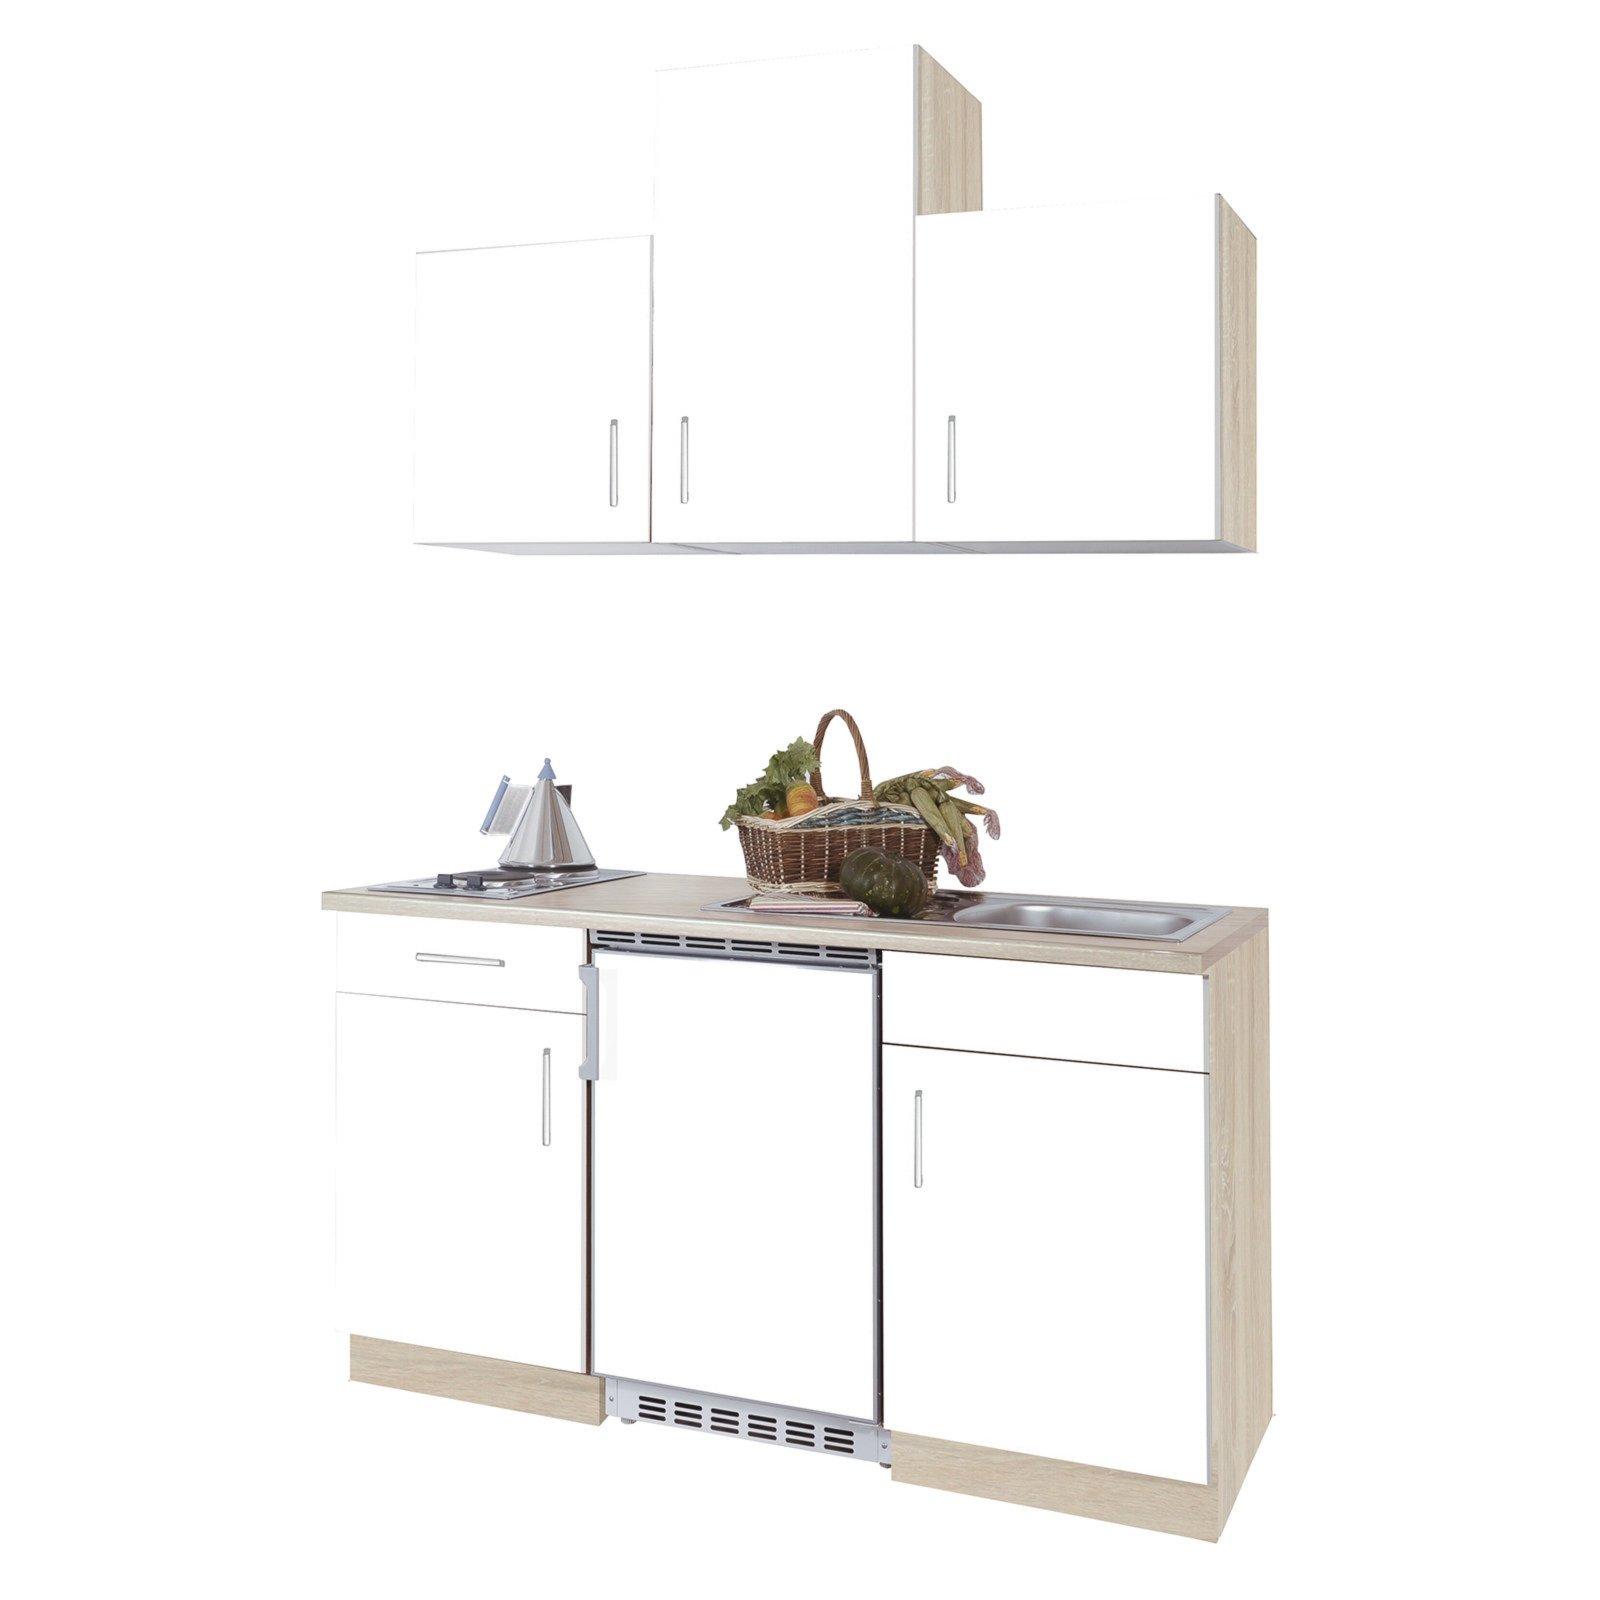 Singleküche miniküche  Singleküchen & Miniküchen von ROLLER - Gut sortierte günstige Auswahl